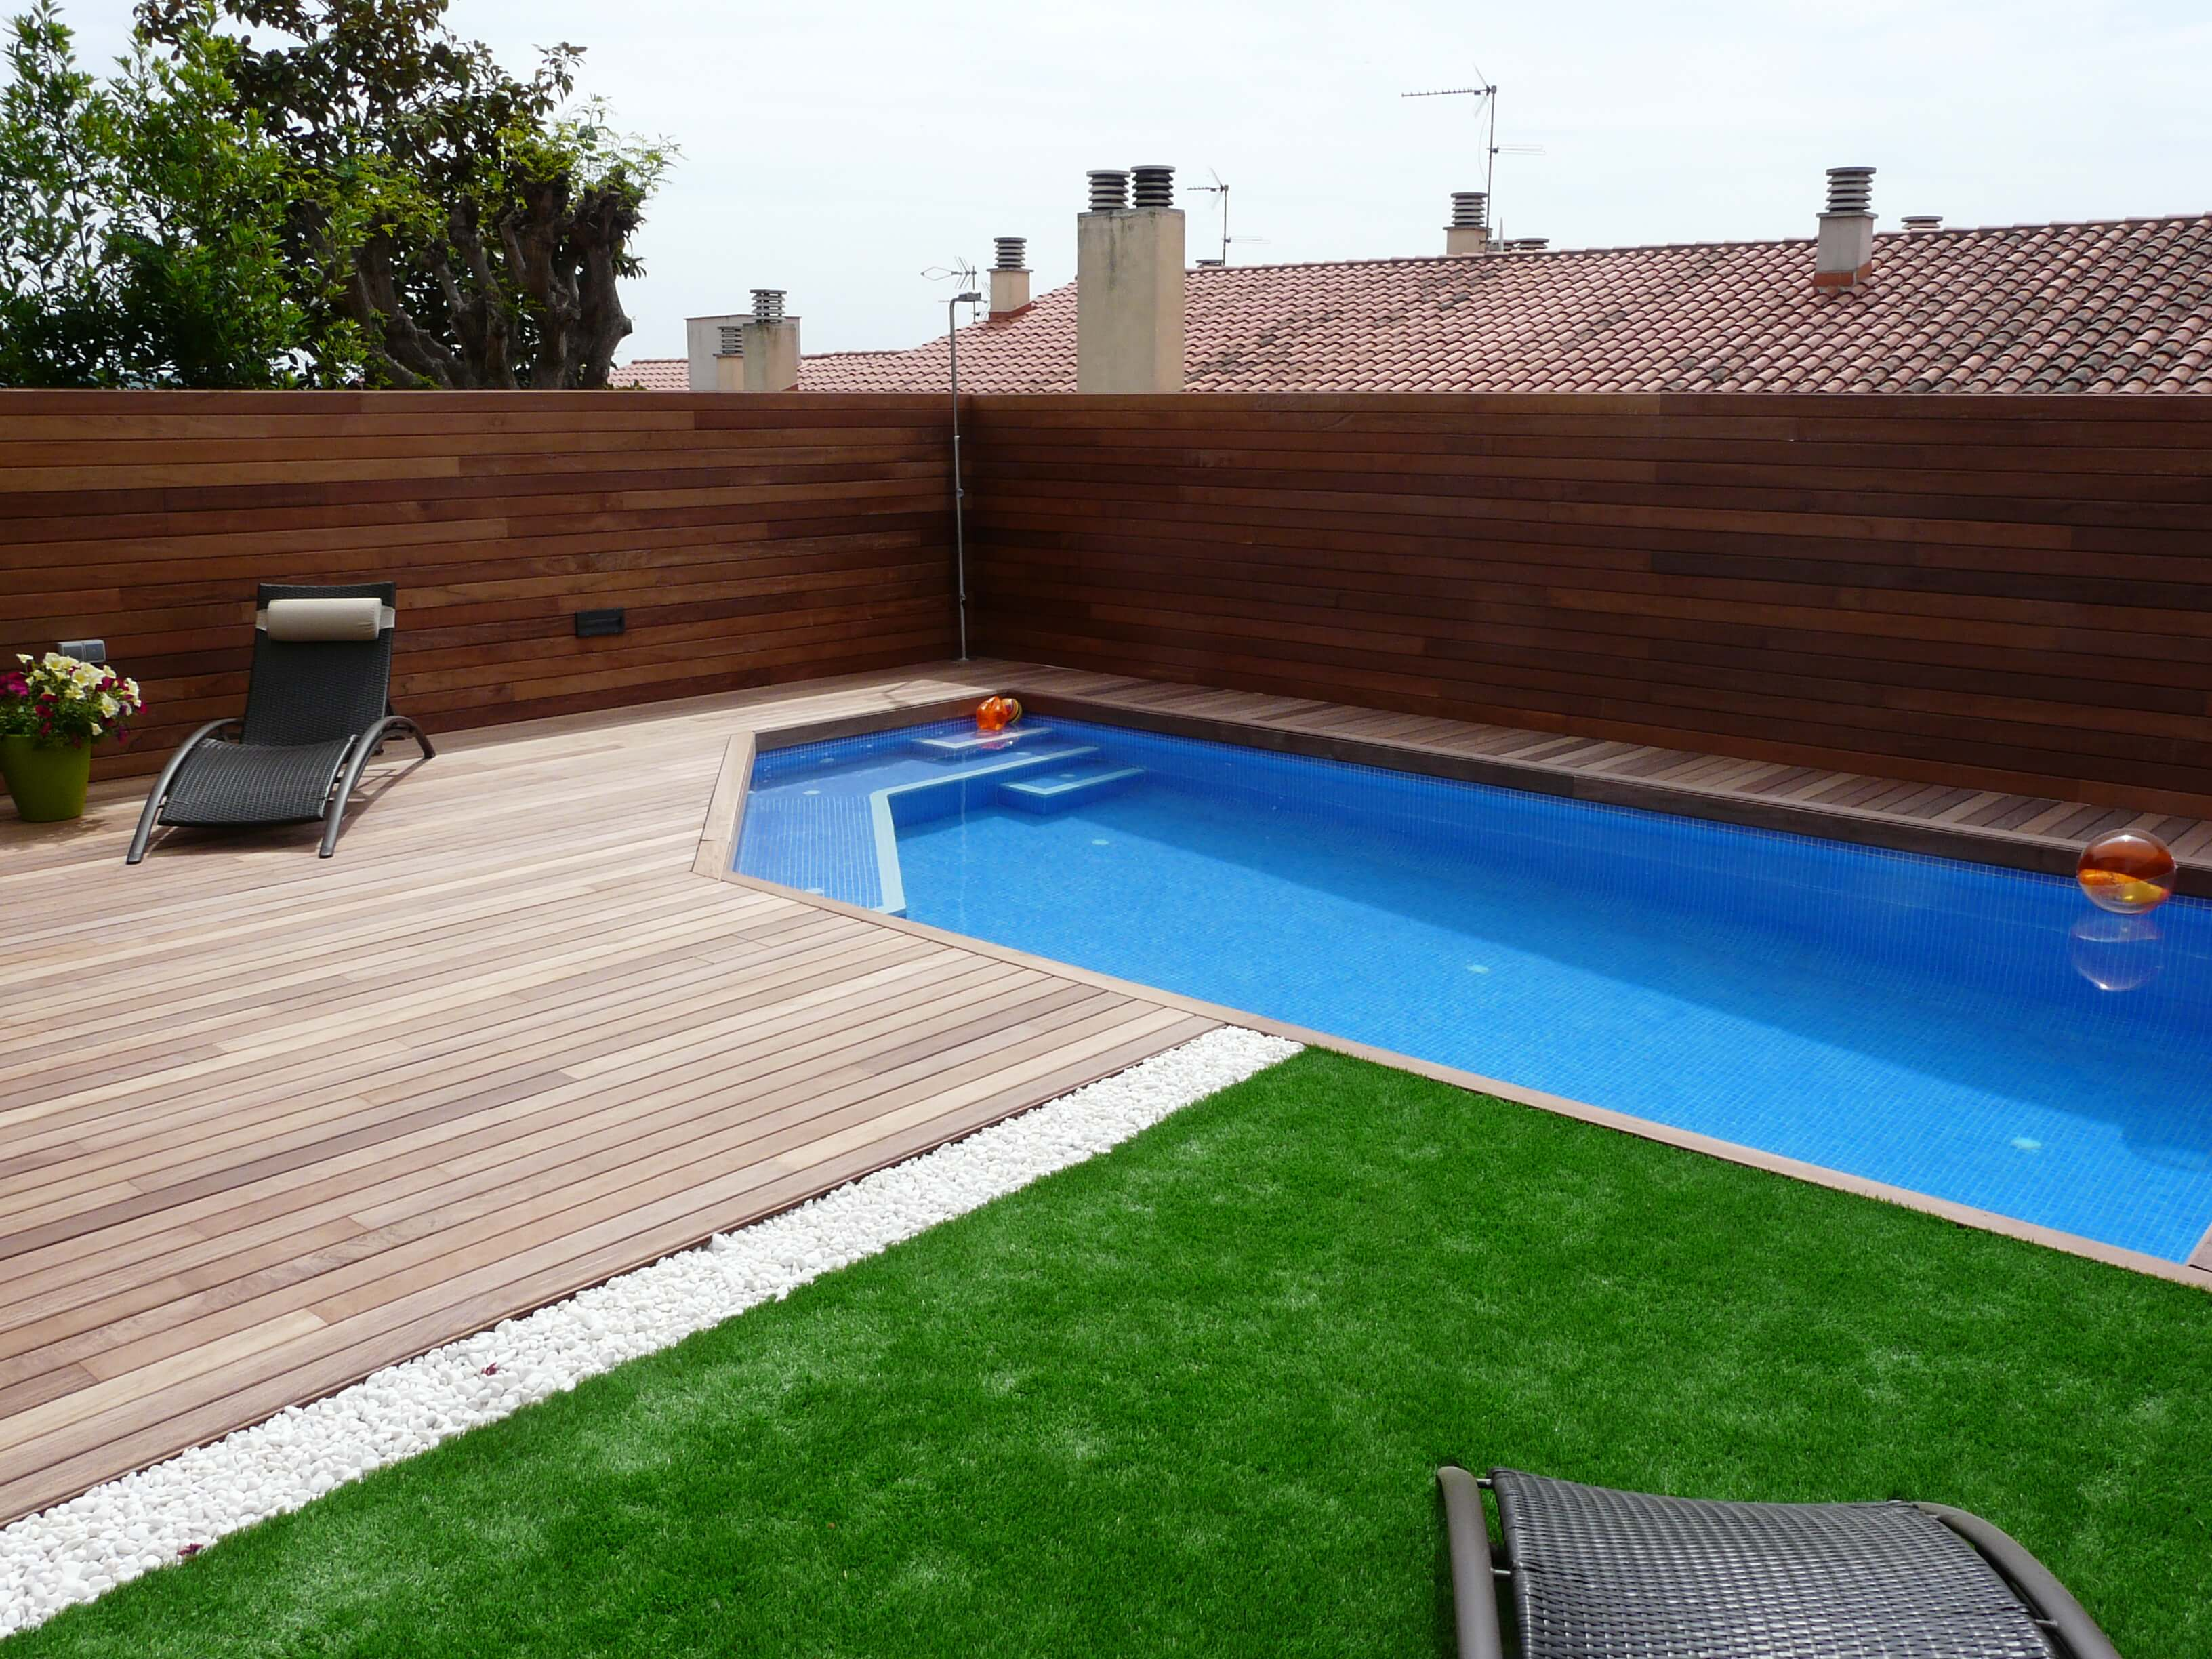 Piscinas de obra piscinas area - Presupuestos piscinas de obra ...